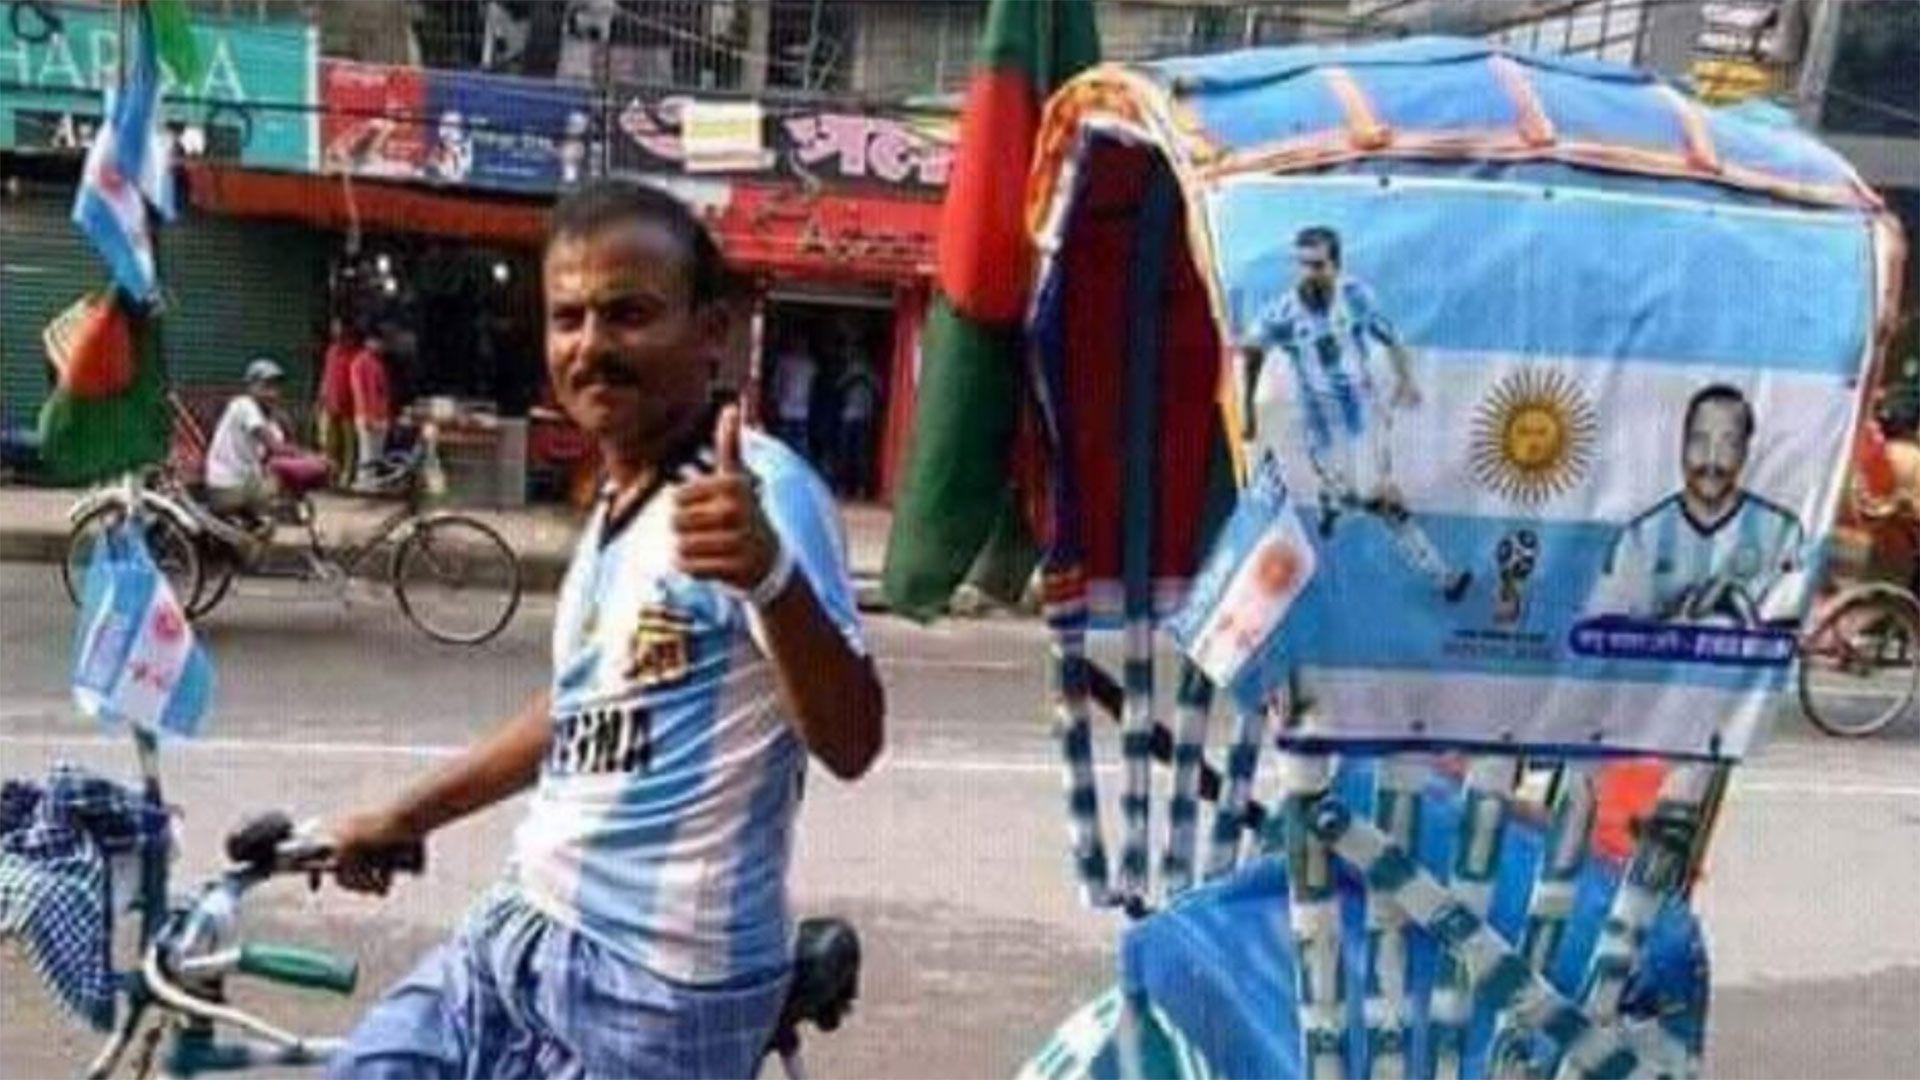 Una mototaxi ploteada con los colores de la selección argentina y fotos de Messi.